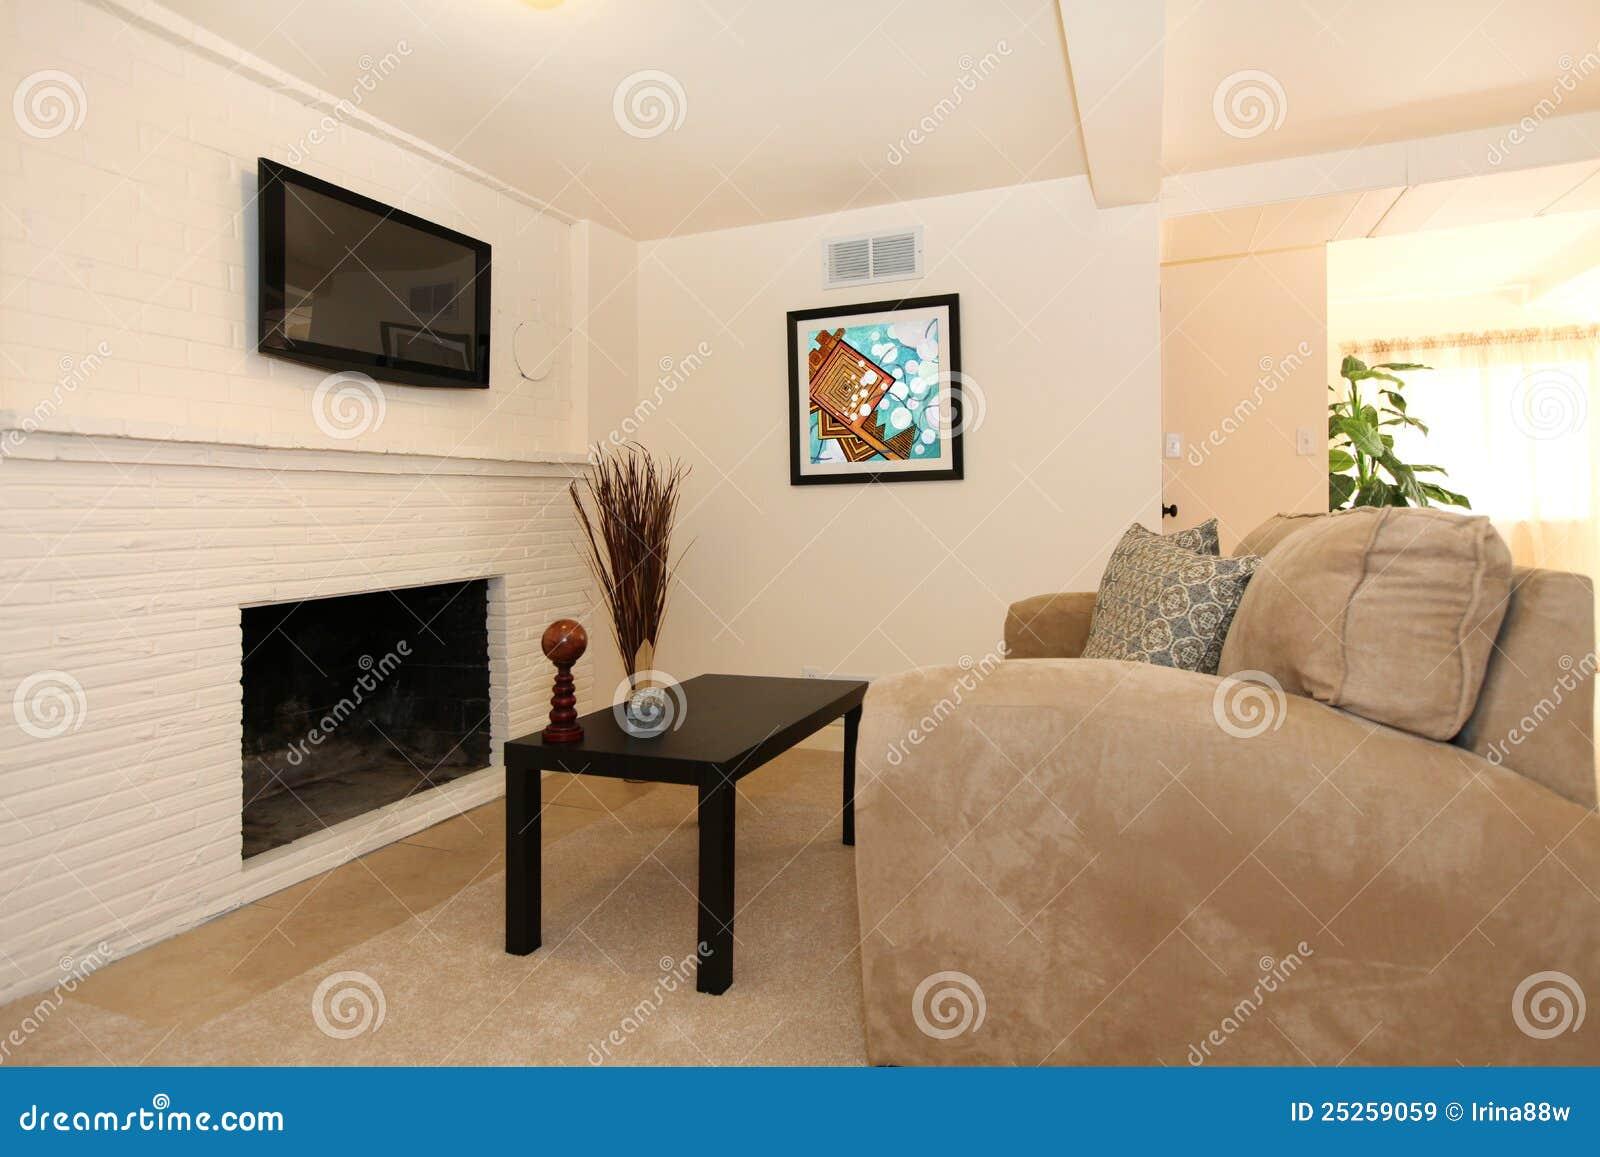 Einfaches wohnzimmer mit fernsehapparat und kamin lizenzfreie stockbilder bild 25259059 - Home decoration house design pictures ...